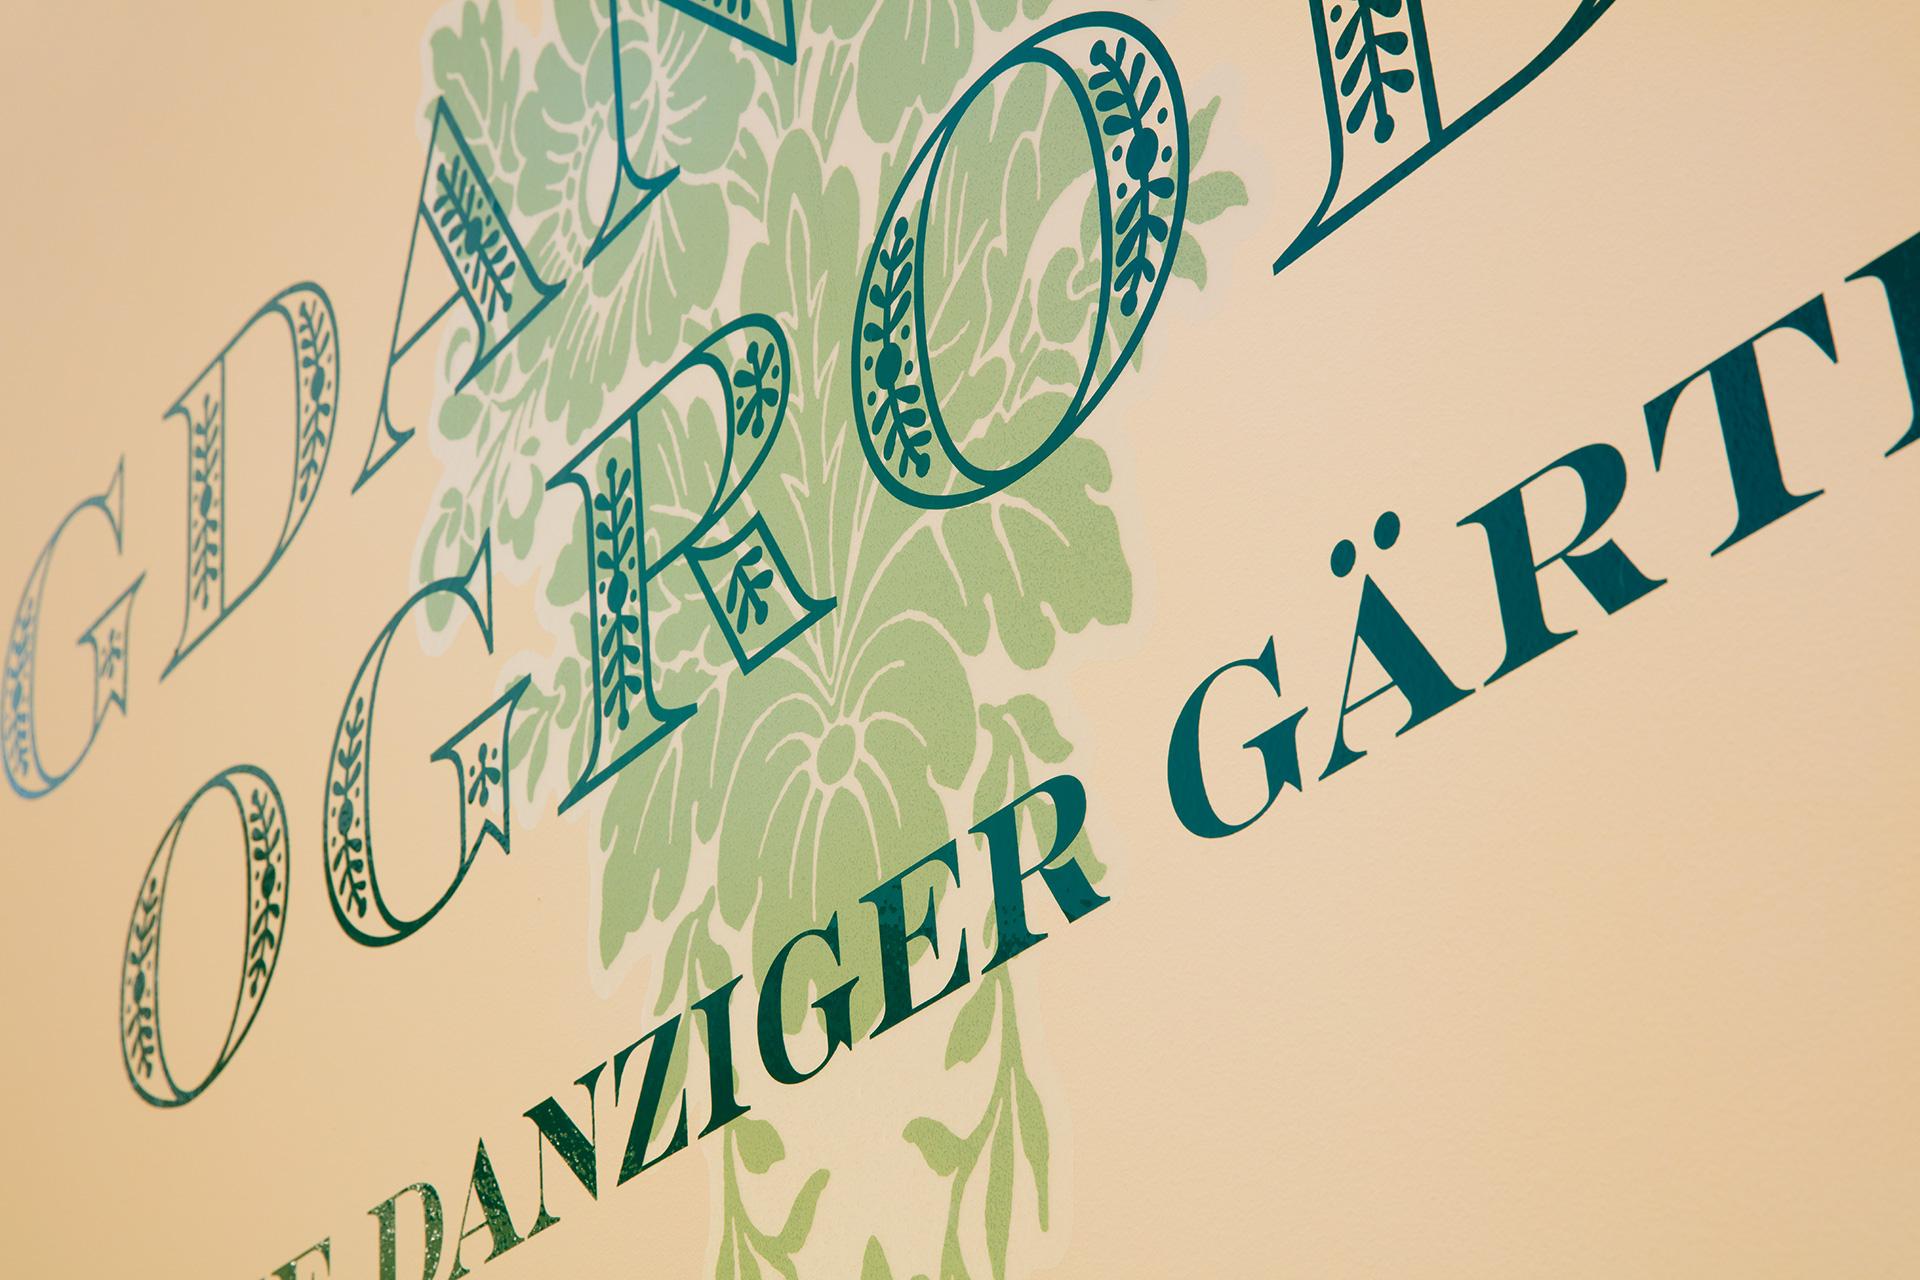 re-gardens-exhibit-green-01